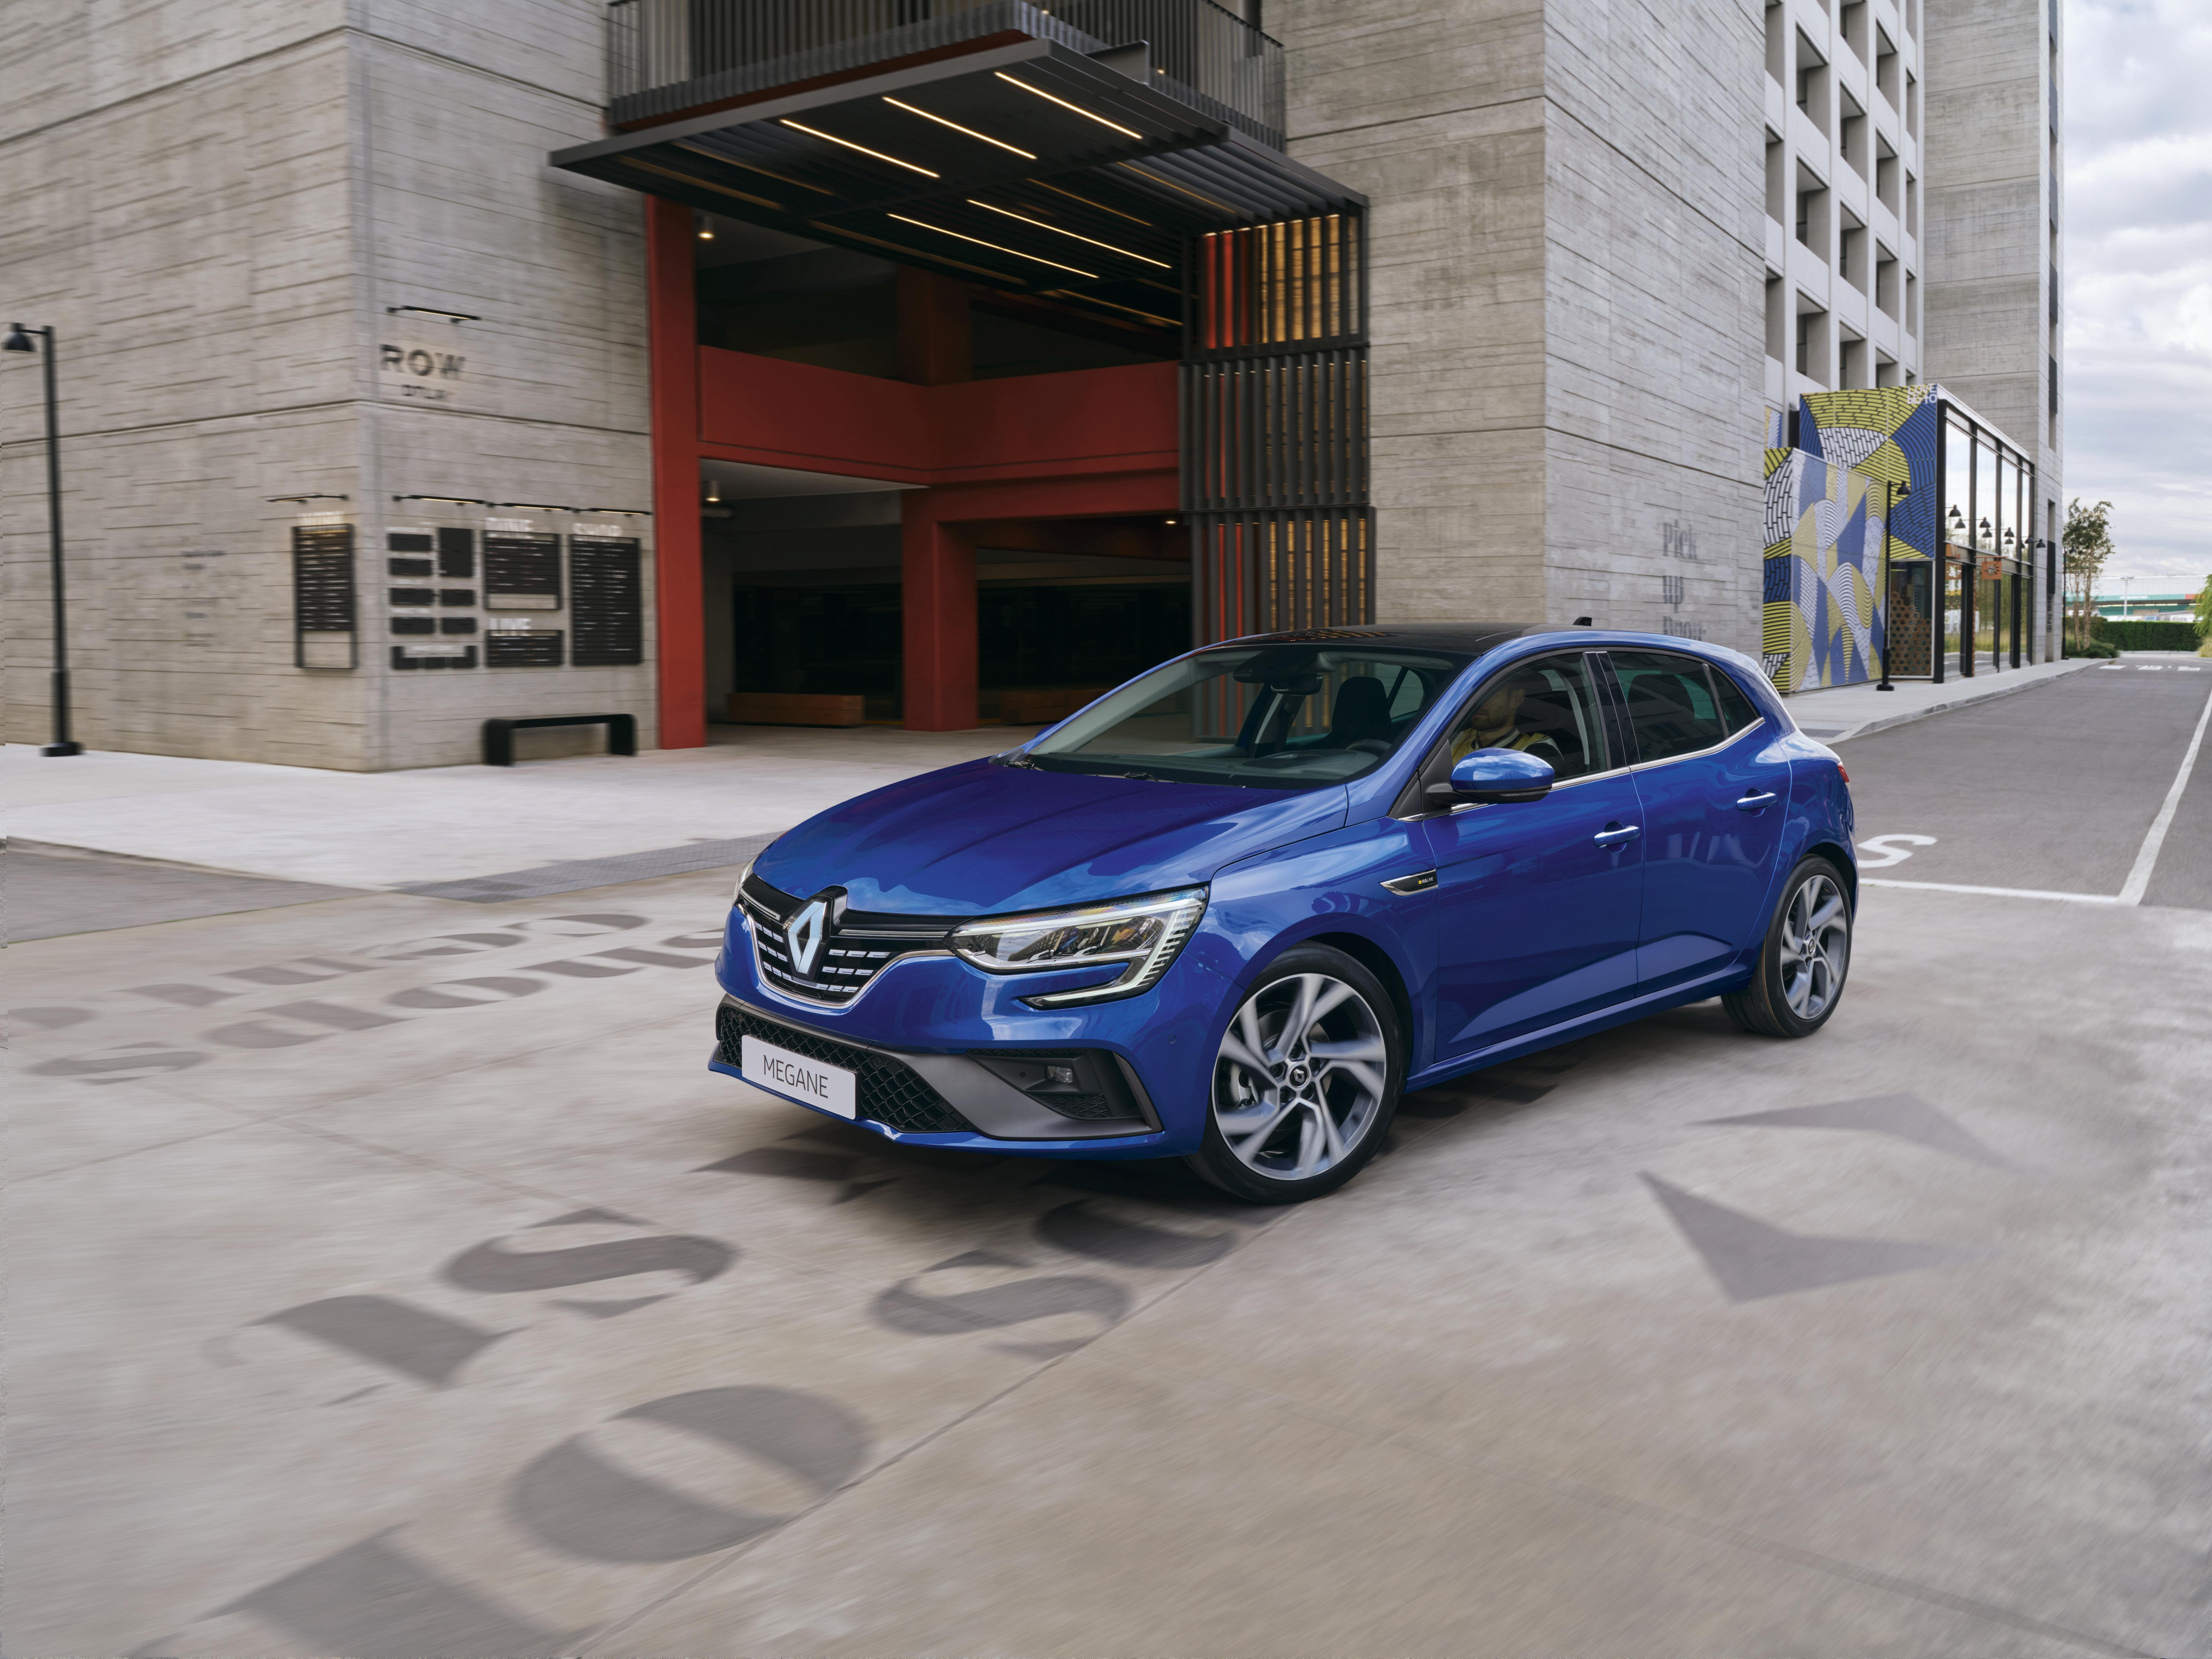 Фотографии Рено 2020 Mégane R.S. Line Worldwide синие авто Металлик 7200x5400 Renault синяя Синий синих машина машины Автомобили автомобиль